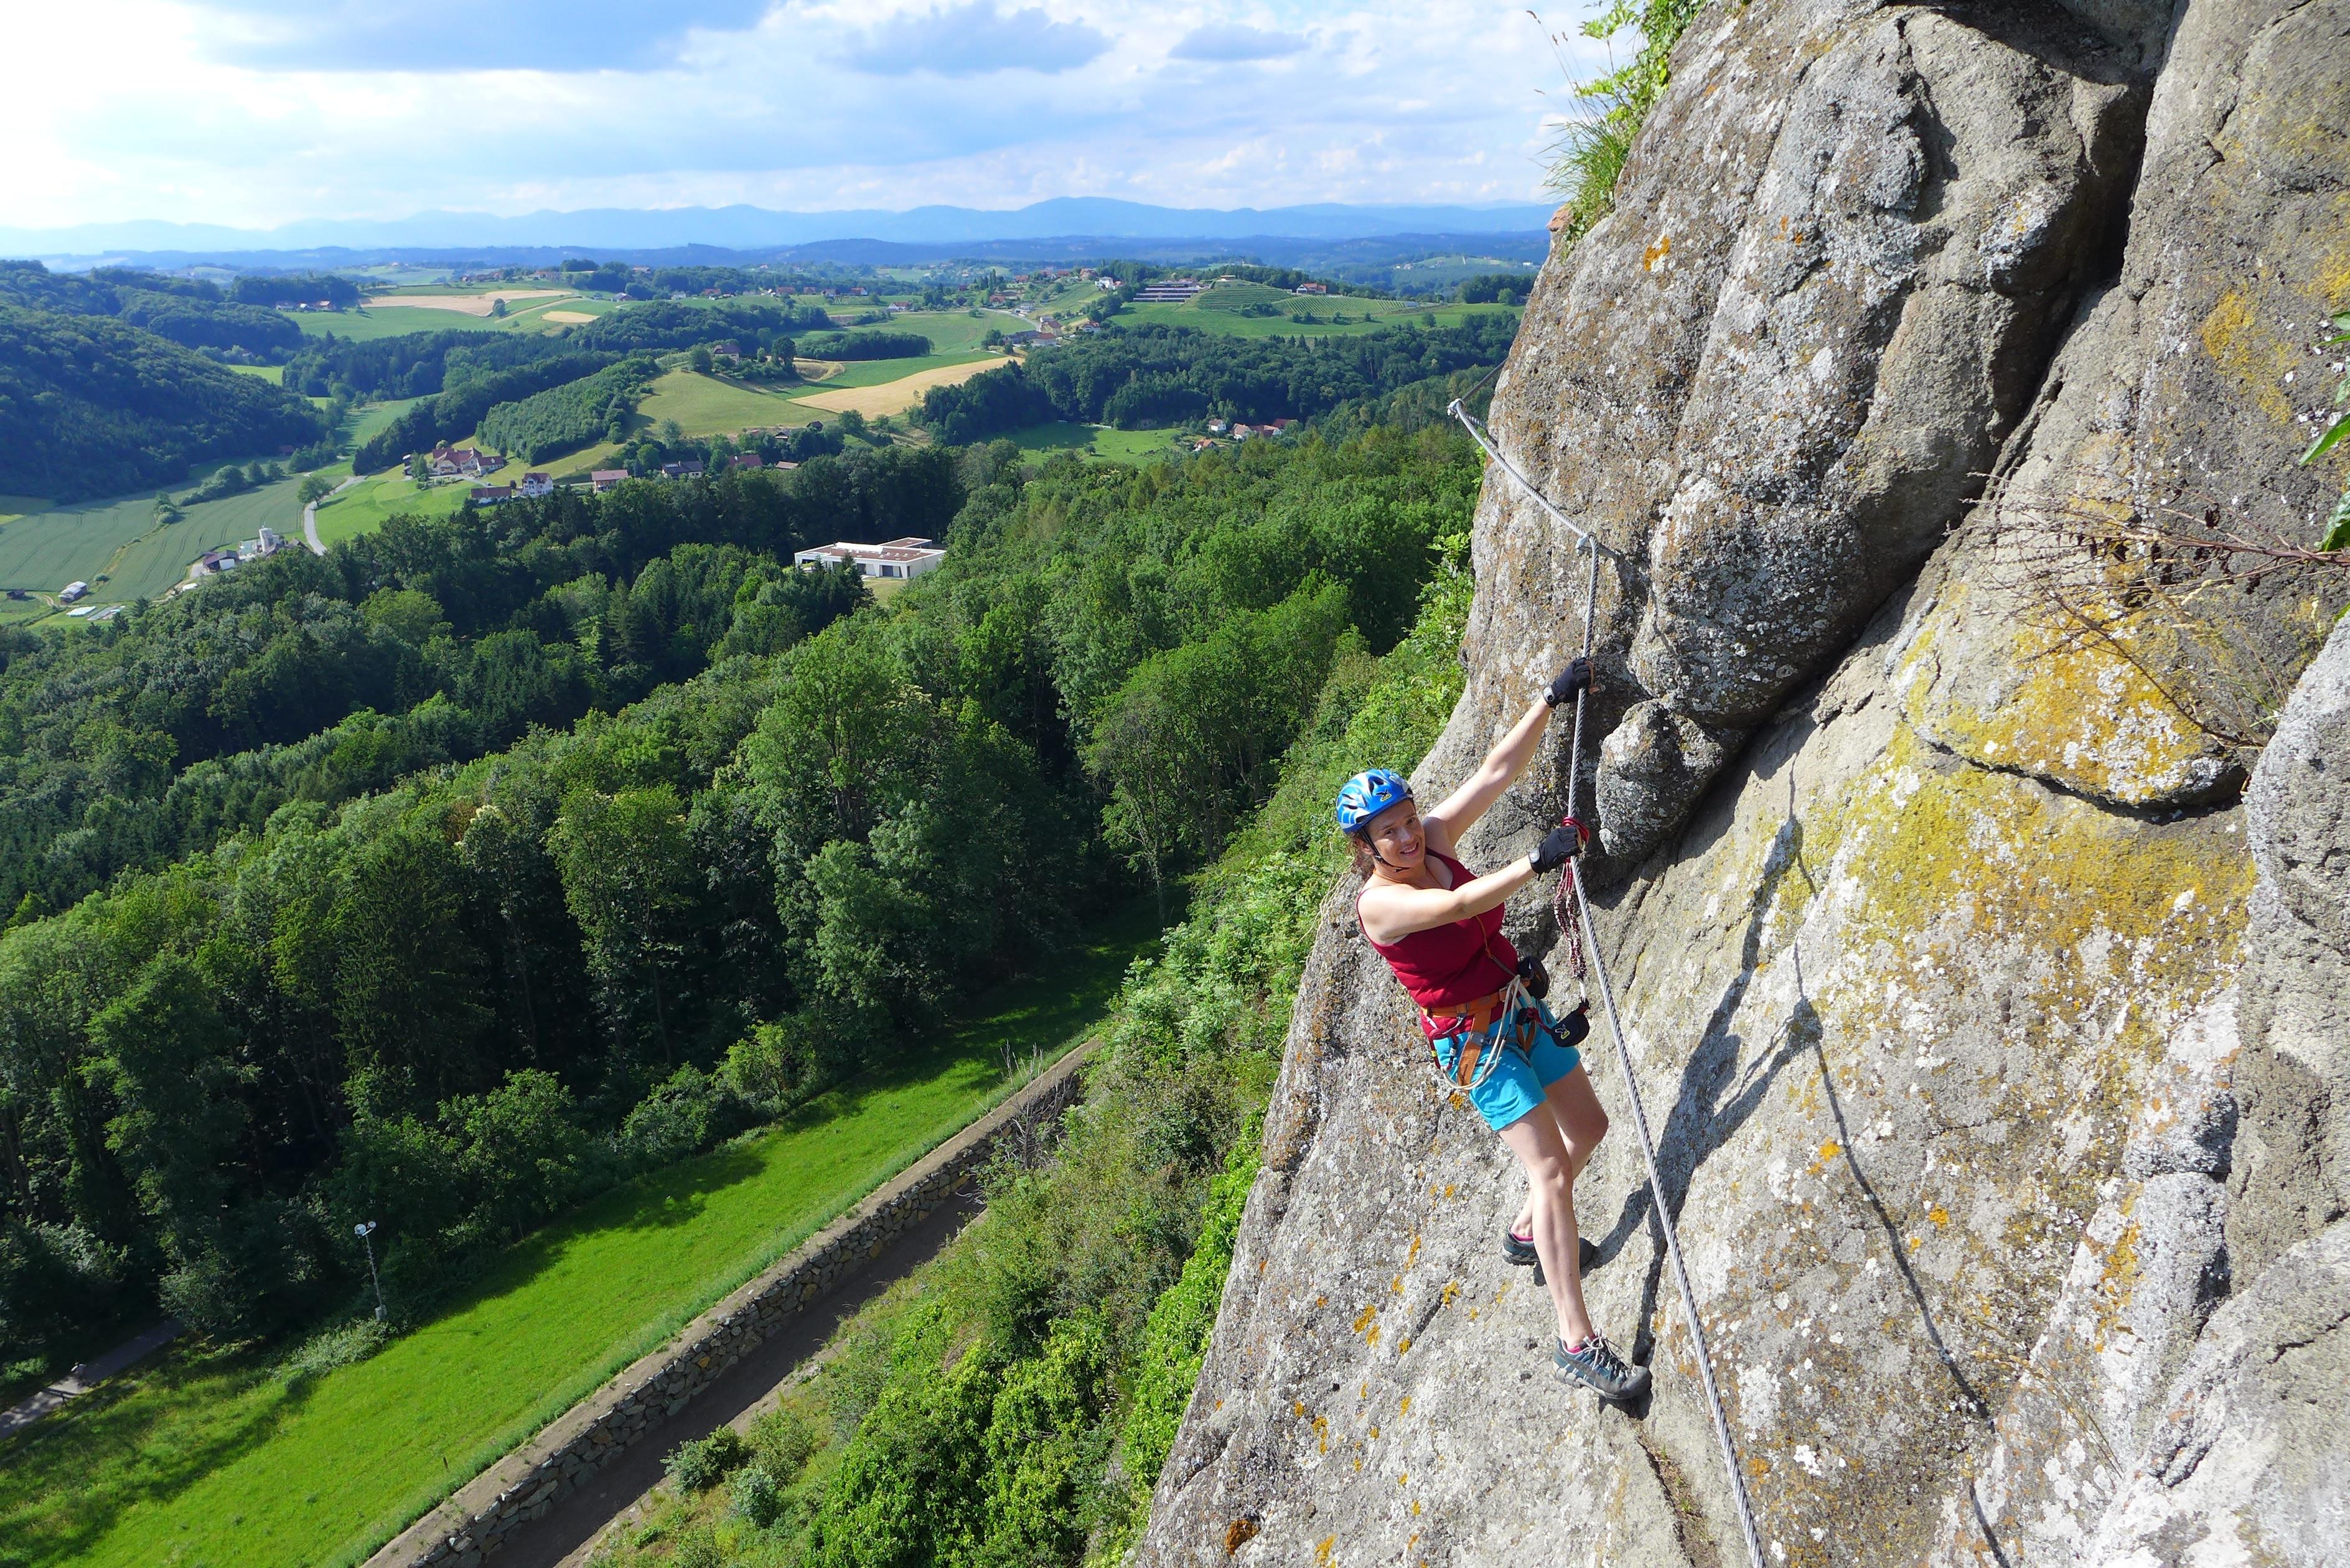 Klettersteig Burg : Klettersteige leopold und heinrich klettersteig km bergwelten